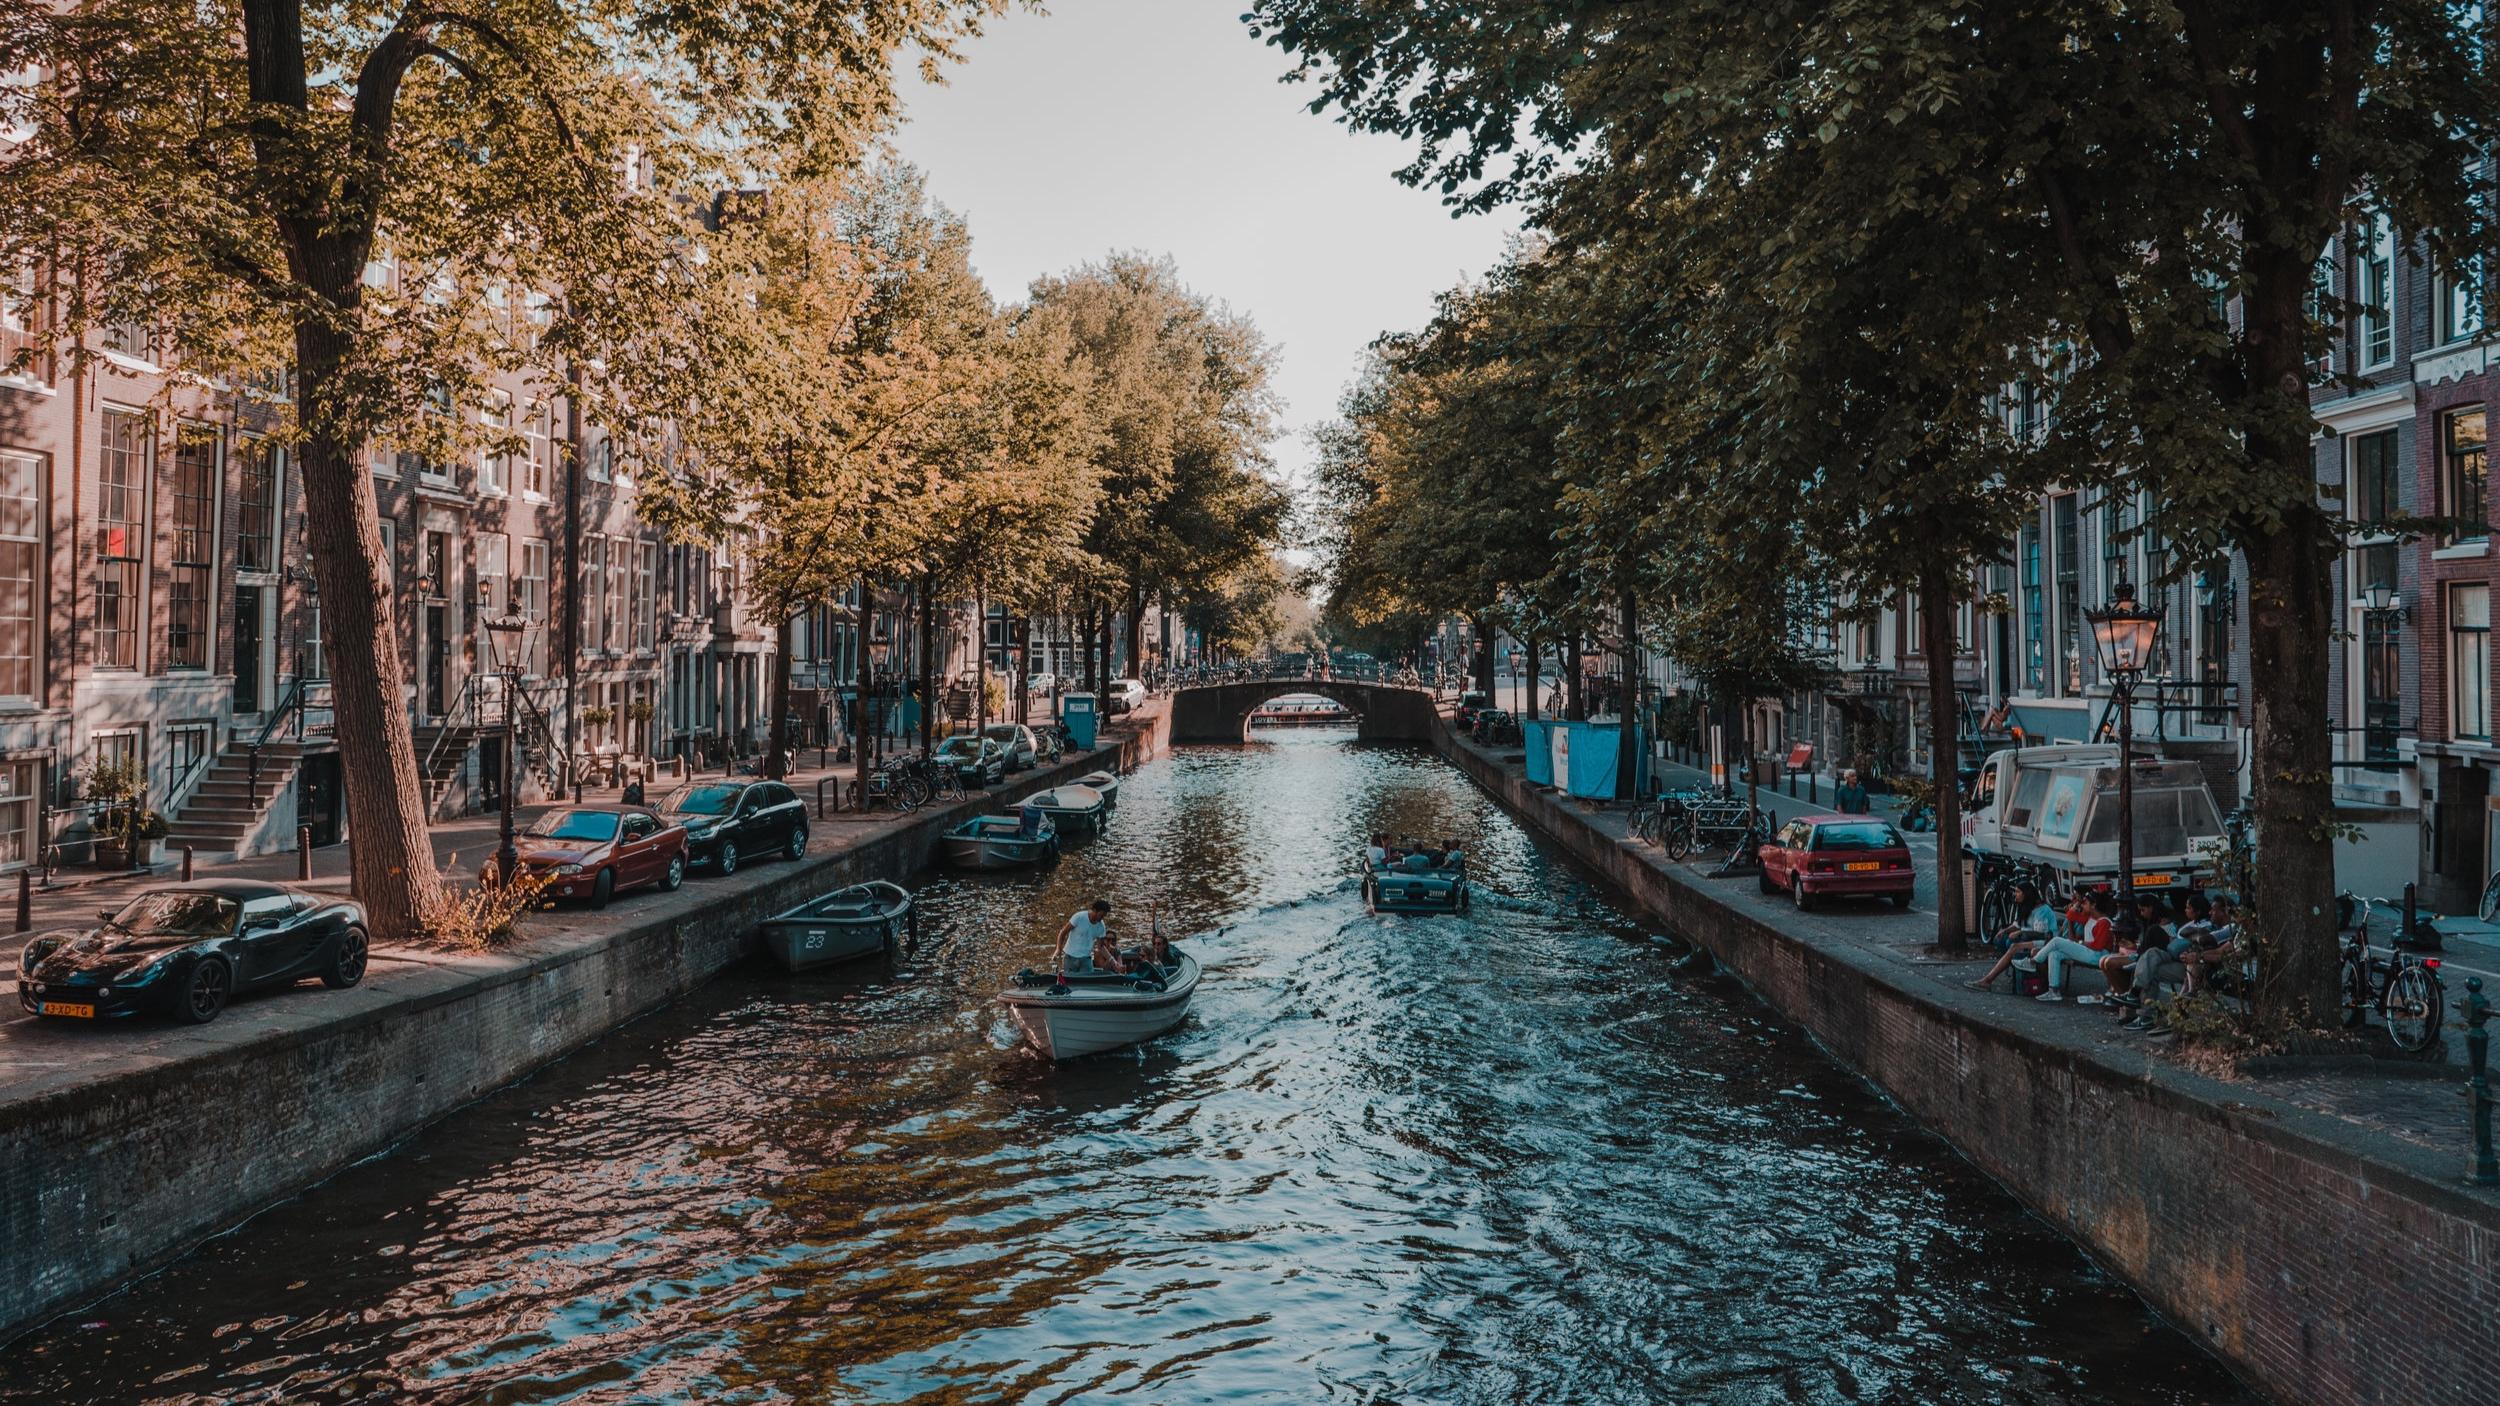 De gastvrije stad - 'De enige die kan bepalen hoe gastvrij je als stad bent, is de bezoeker'